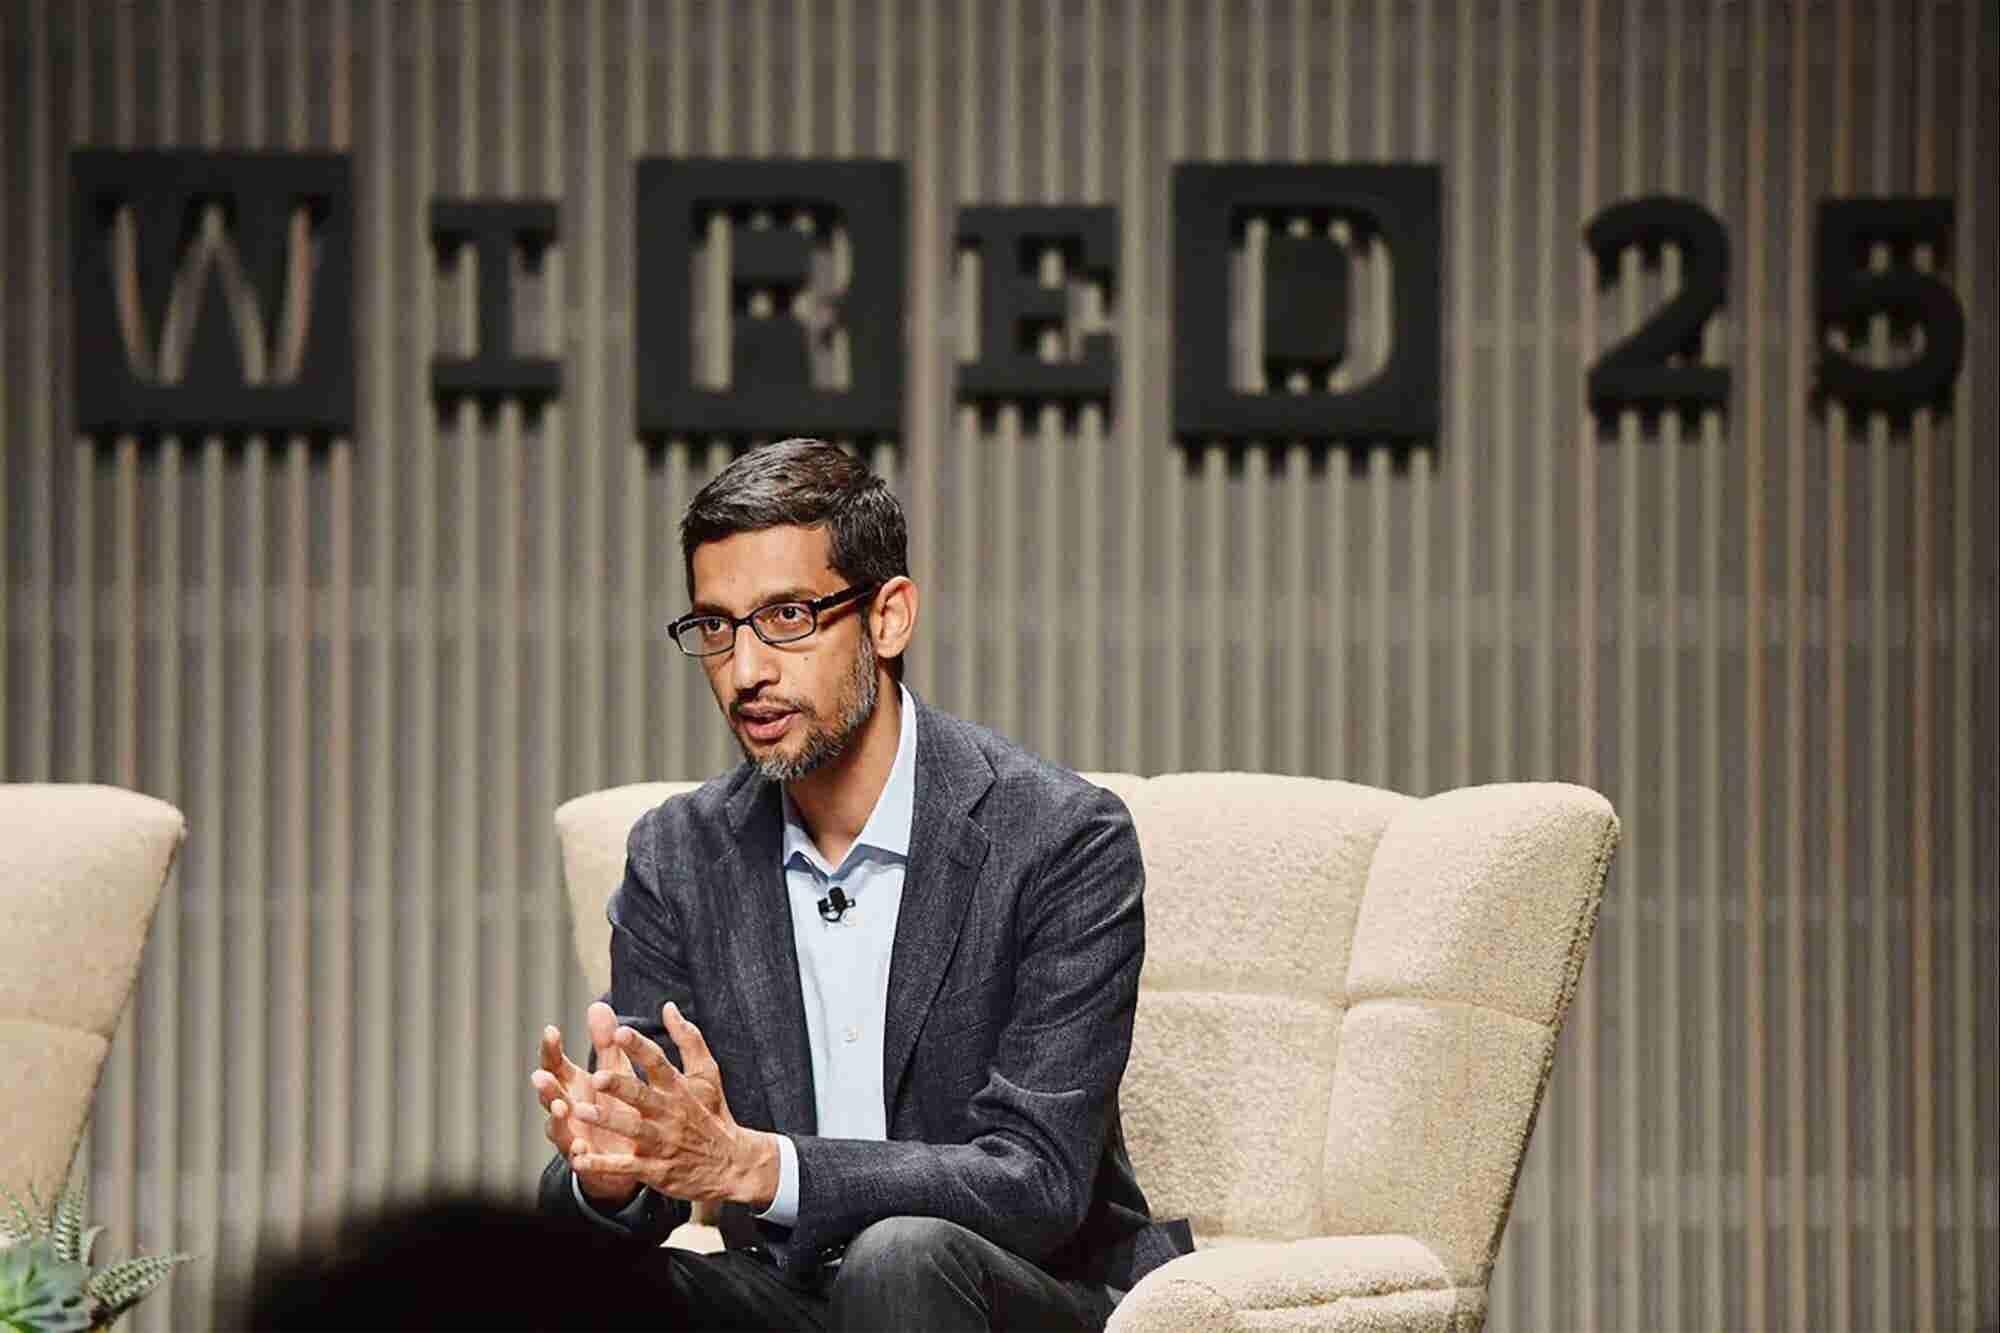 El CEO de Google, Sundar Pichai, confirma que están haciendo un motor de búsqueda censurado para China